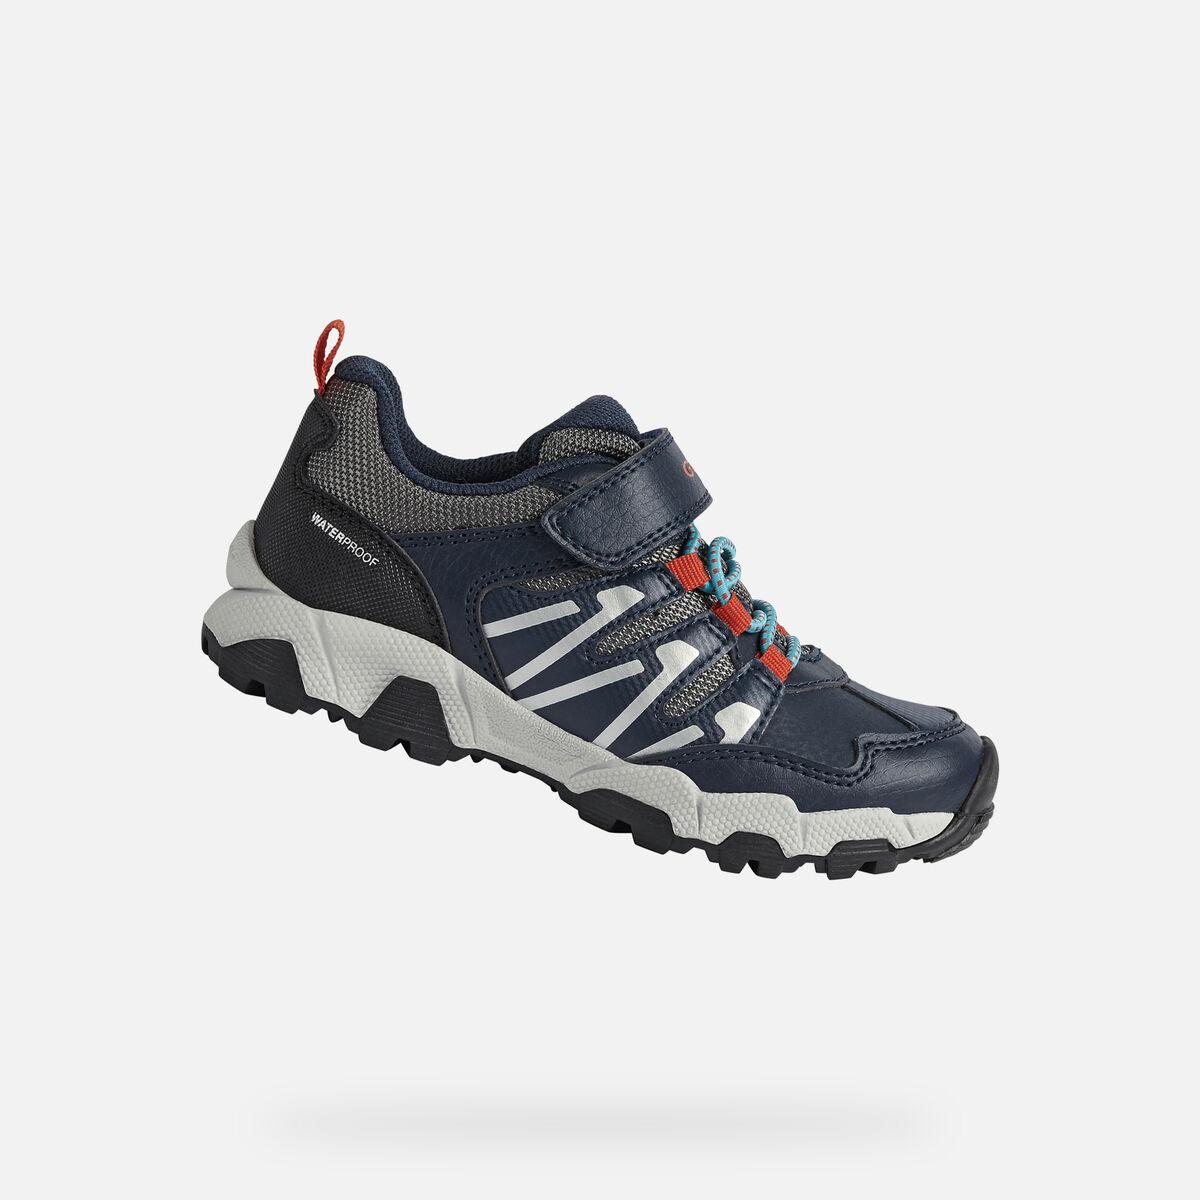 GEOX dětské boty MAGNETAR BOY modro - červené - J164CB